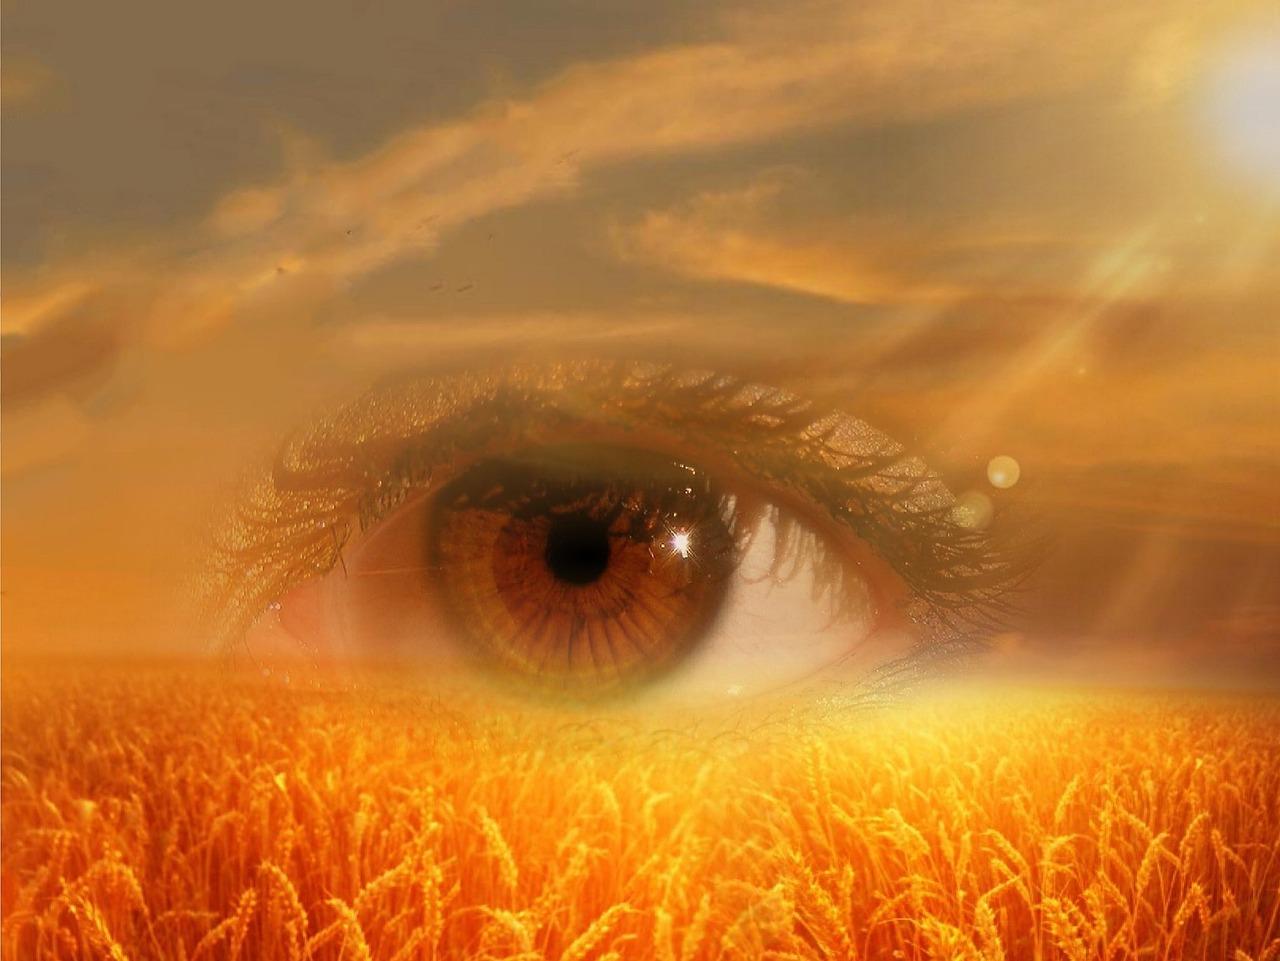 eye-718523_1280